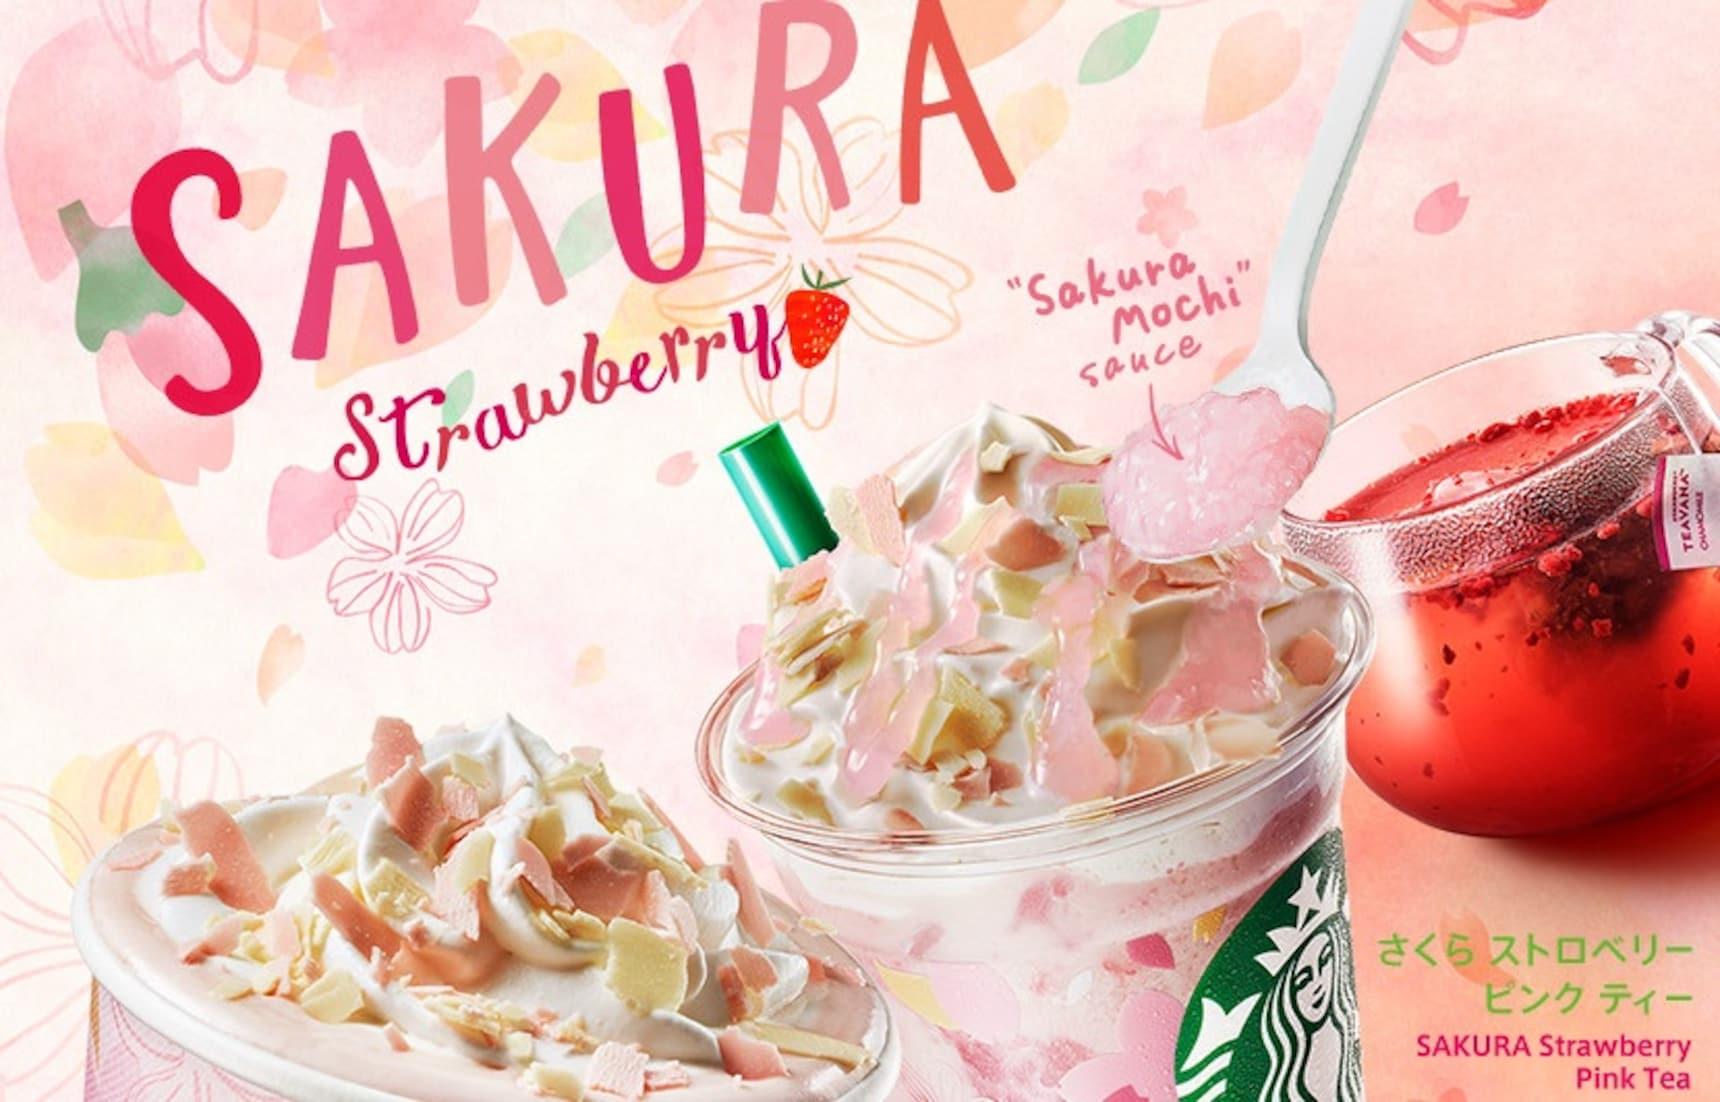 2018년도 일본 스타벅스 '벚꽃' 컬렉션 출시!